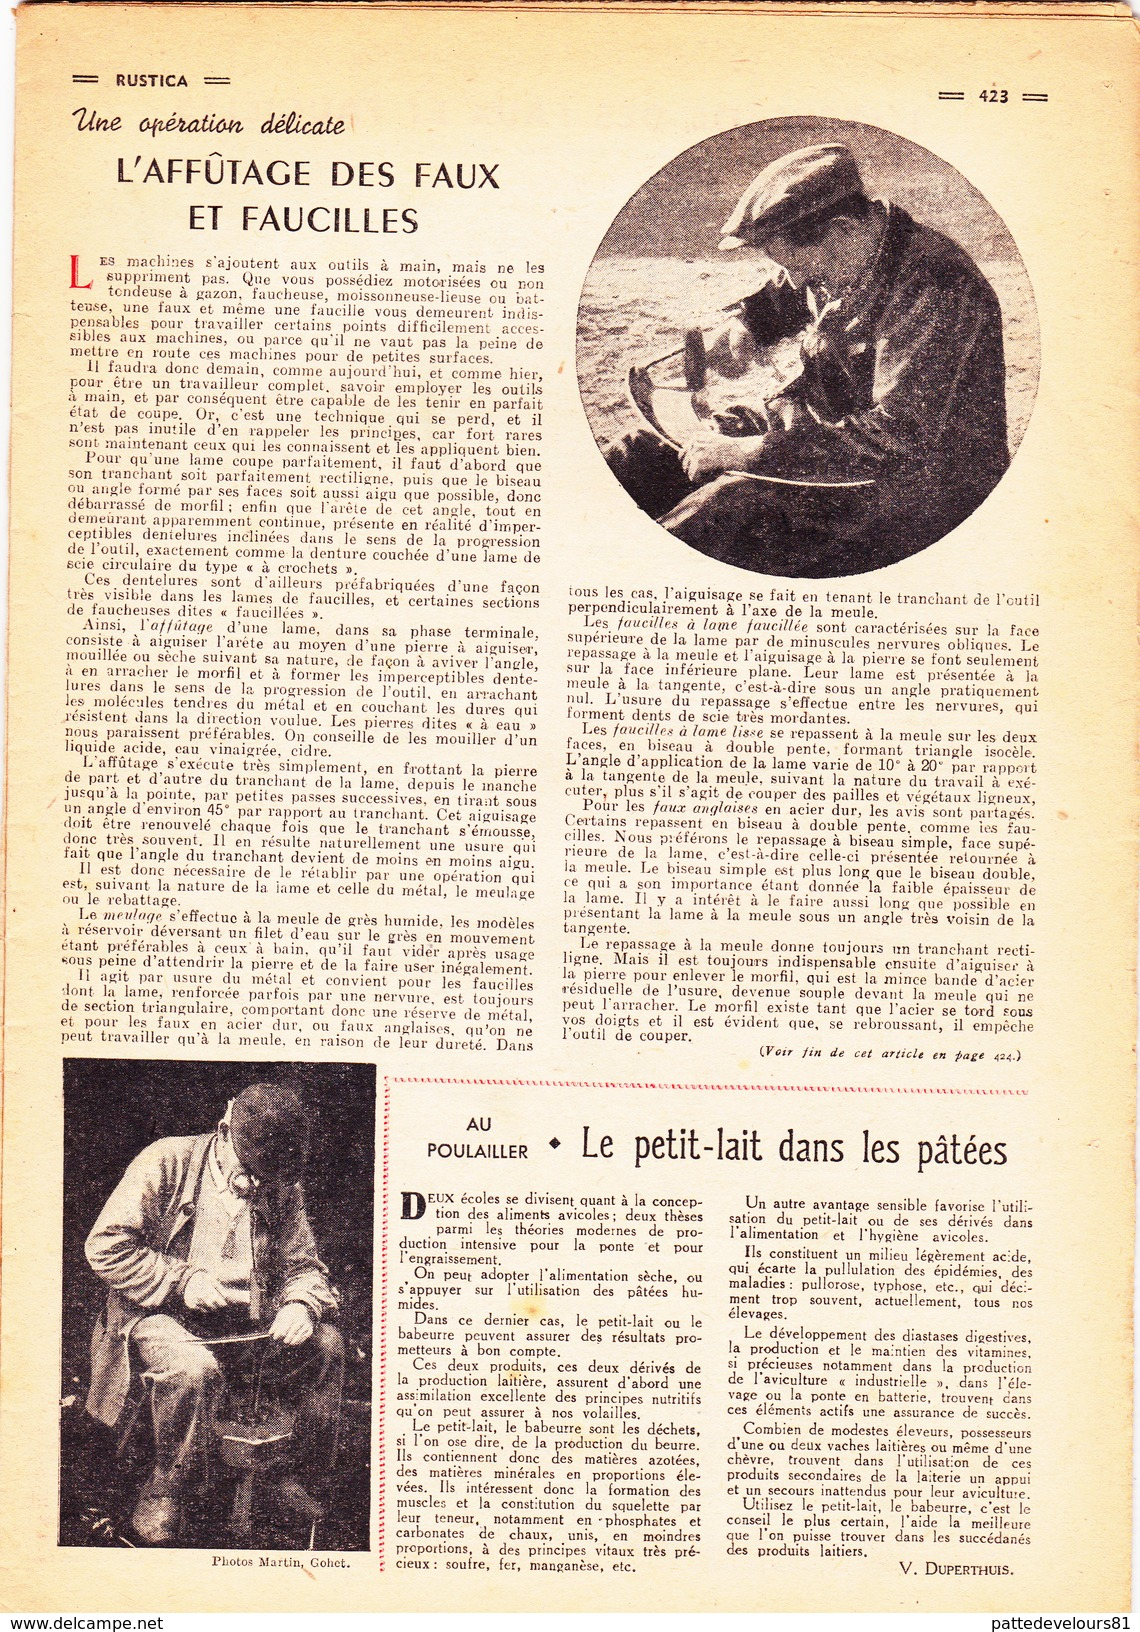 RUSTICA L' Affutage Des Faux Et Faucilles Principales Maladies Des Cidres Pressoir Pommes (4 Scans) - Nature